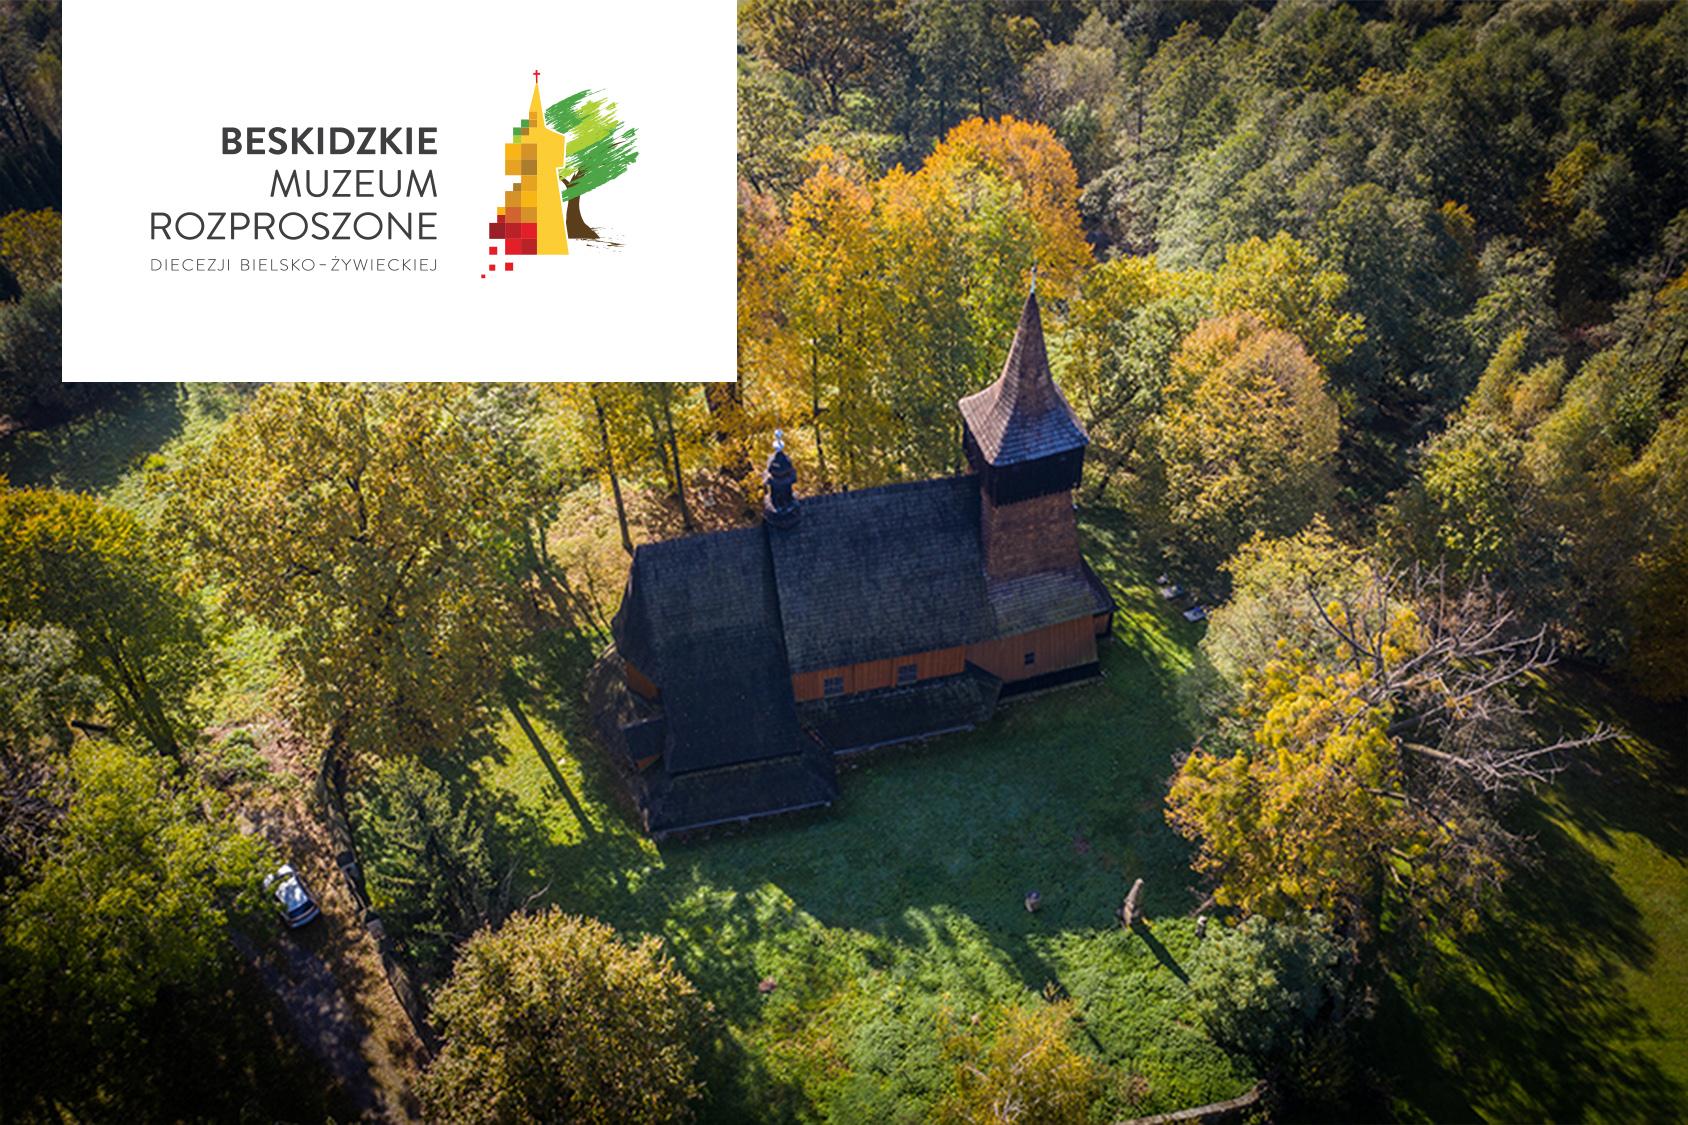 powstaje Beskidzkie Muzeum Rozproszone